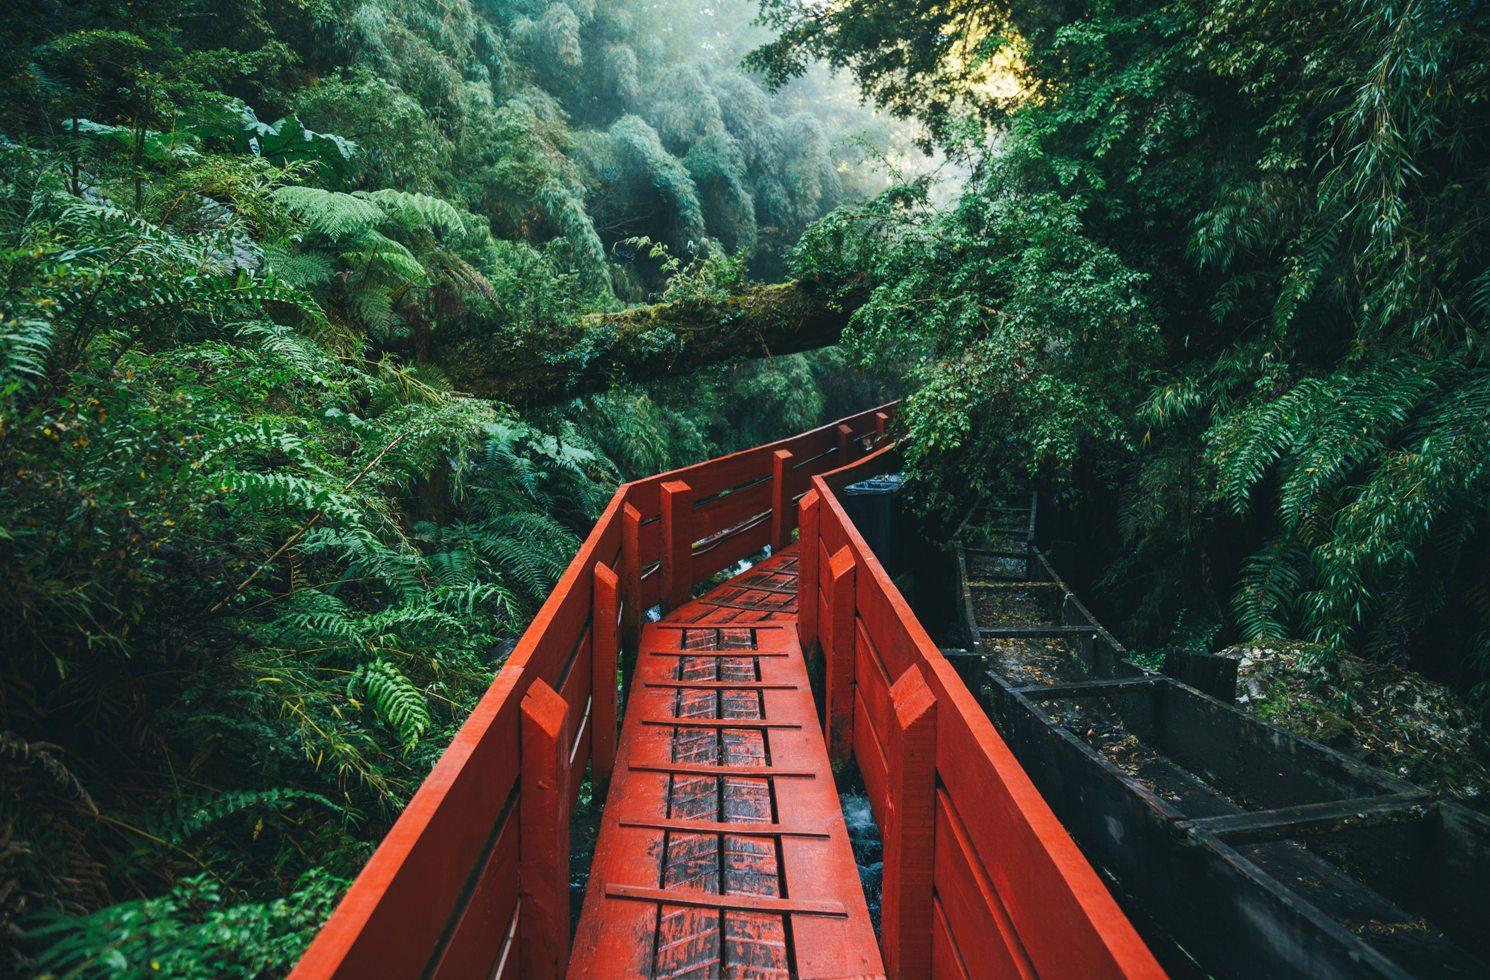 Regenwald in Termas Geométricas, Coñaripe, Panguipulli, Chile